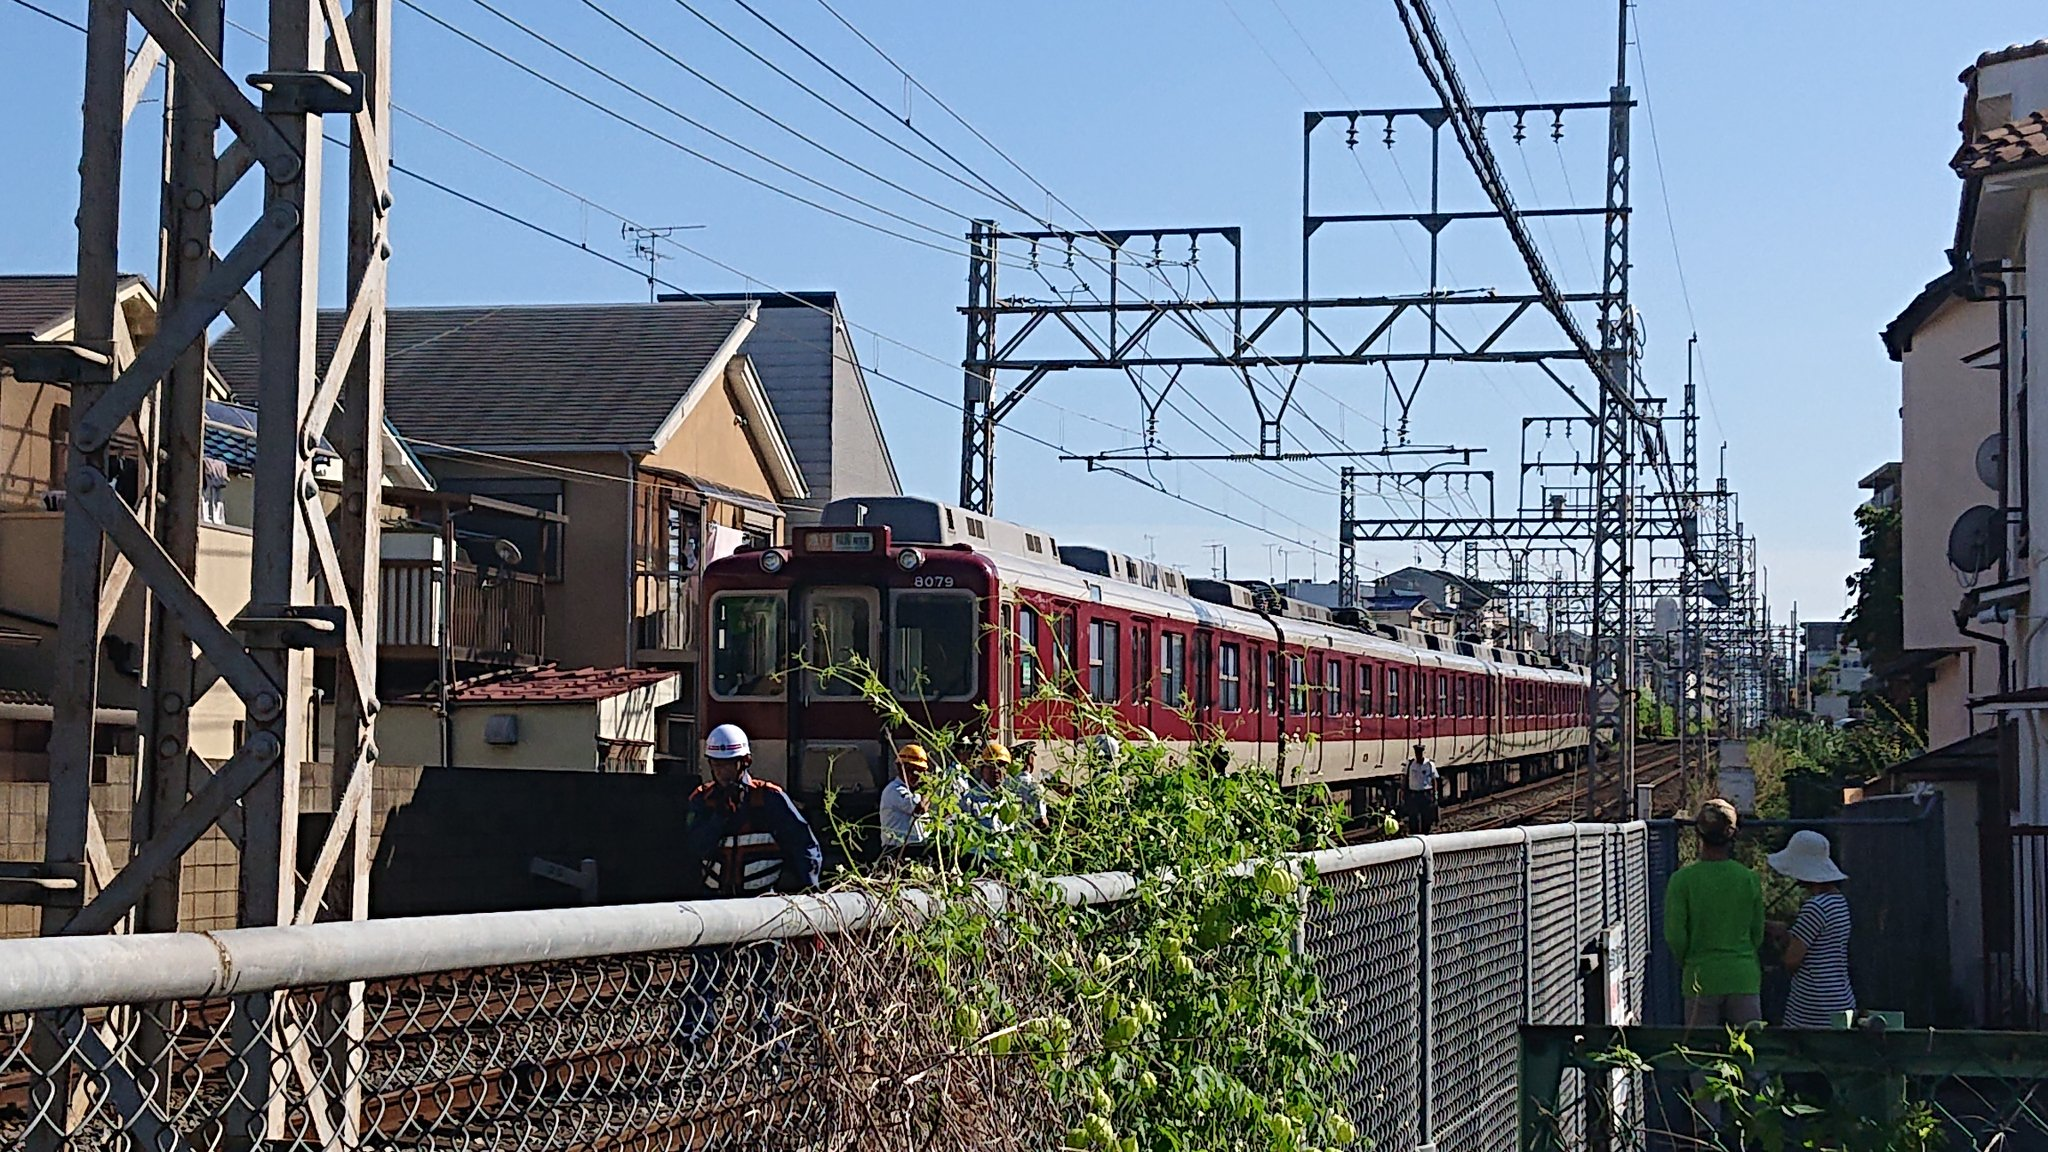 近鉄京都線の小倉駅で人身事故が起きた現場の画像